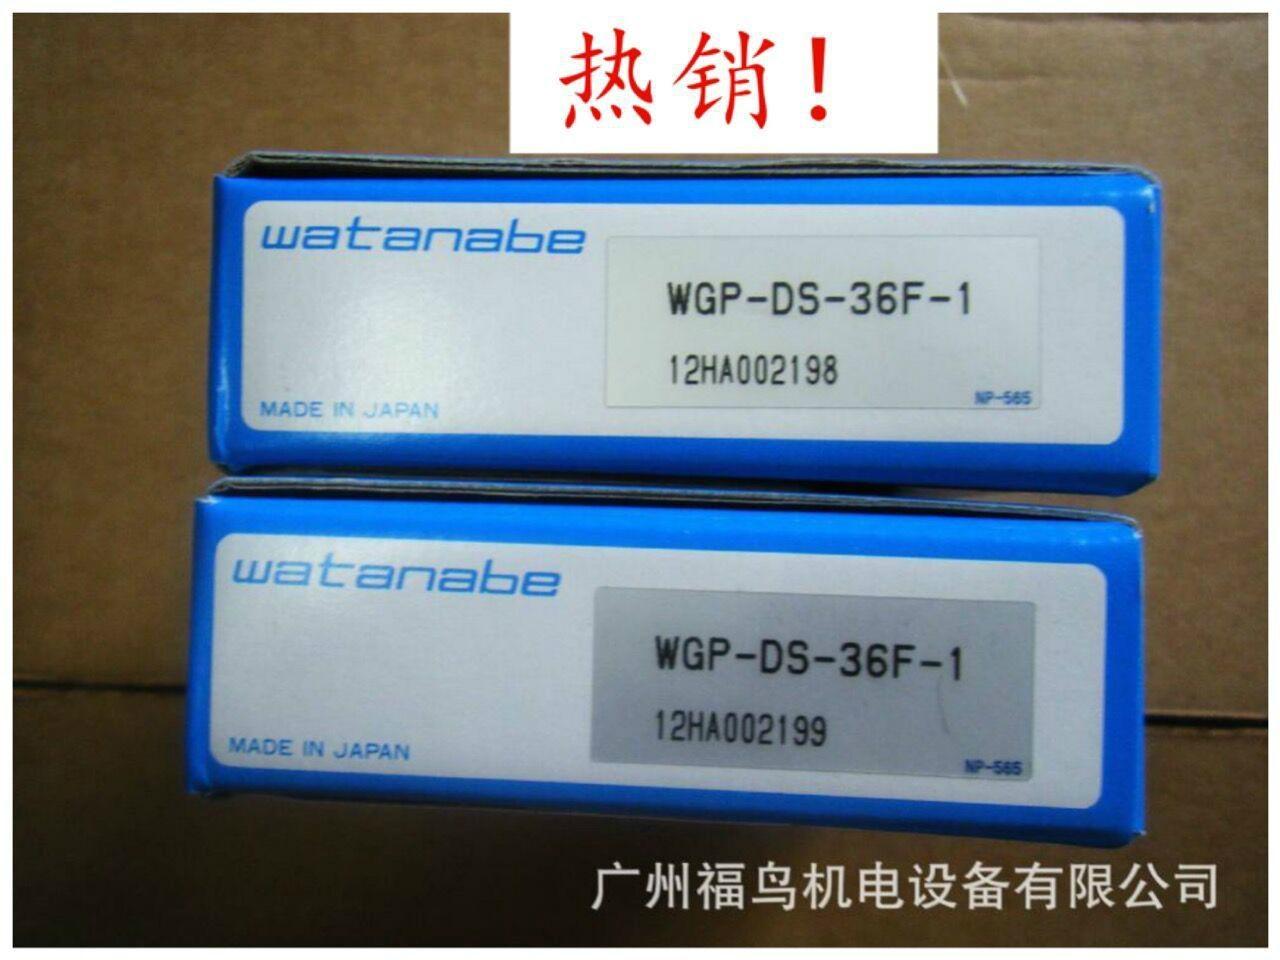 ?WATANABE信號隔離器, 型號: WGP-DS-36F-1